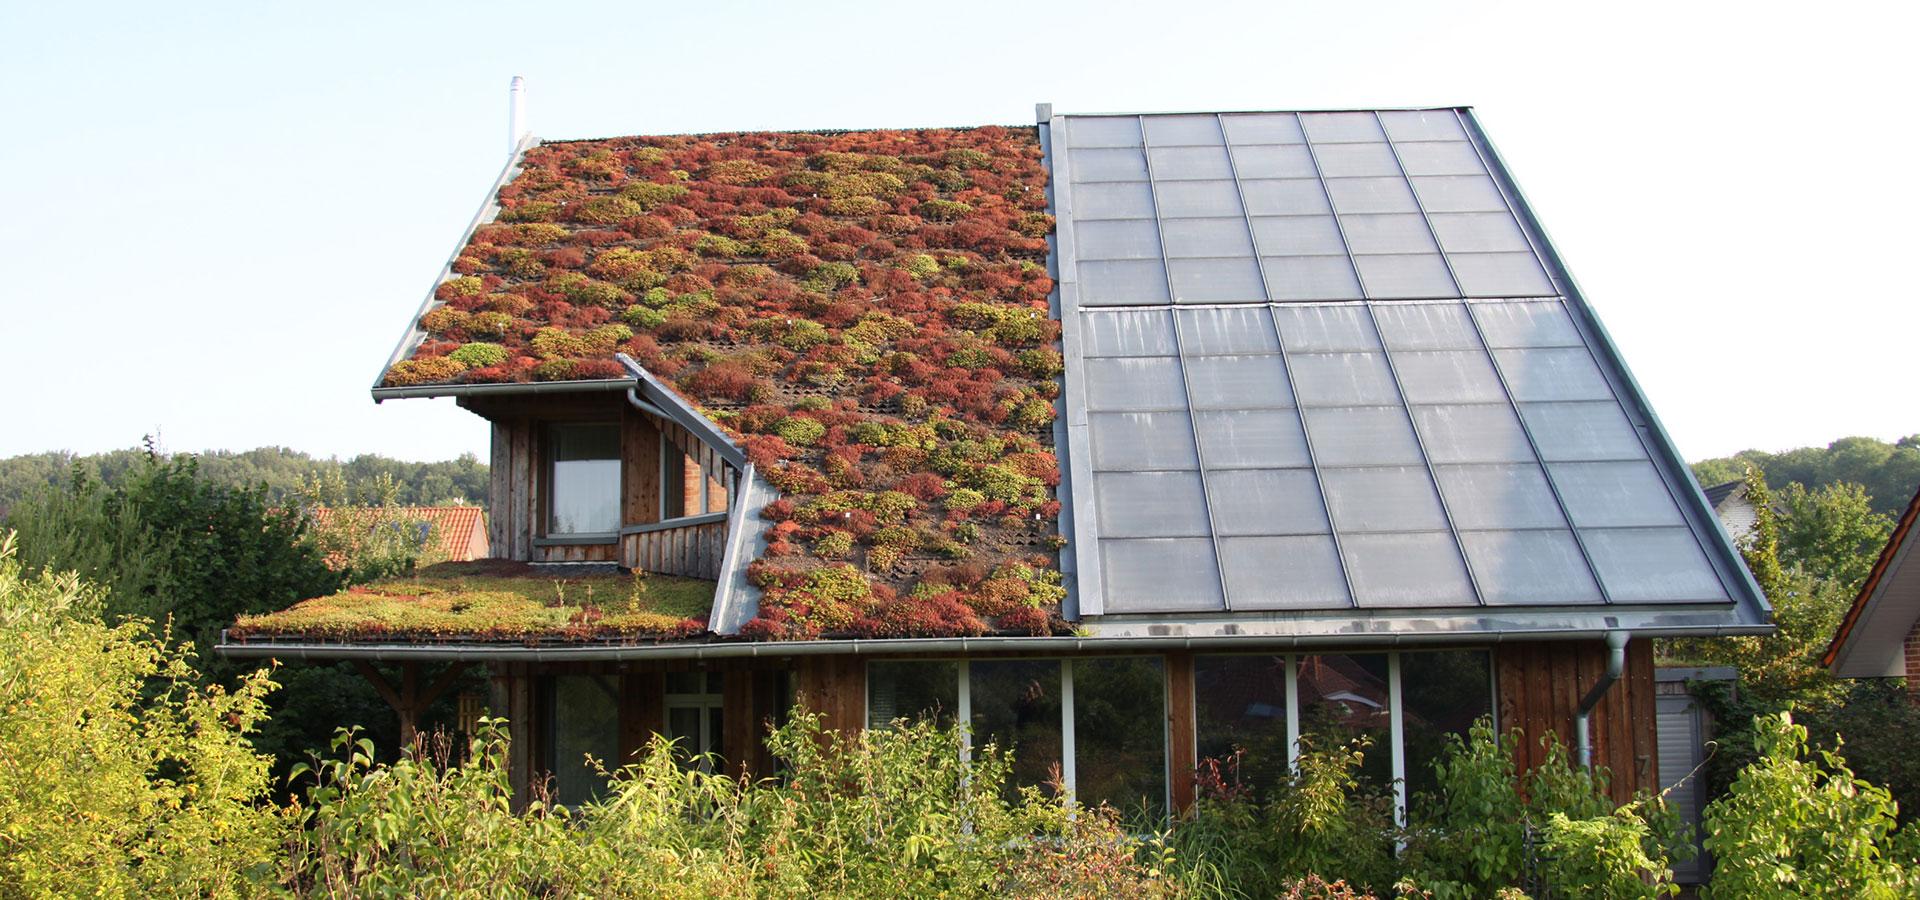 ökologisches Haus frey architekten projekte einfamilienhaus ökologisch